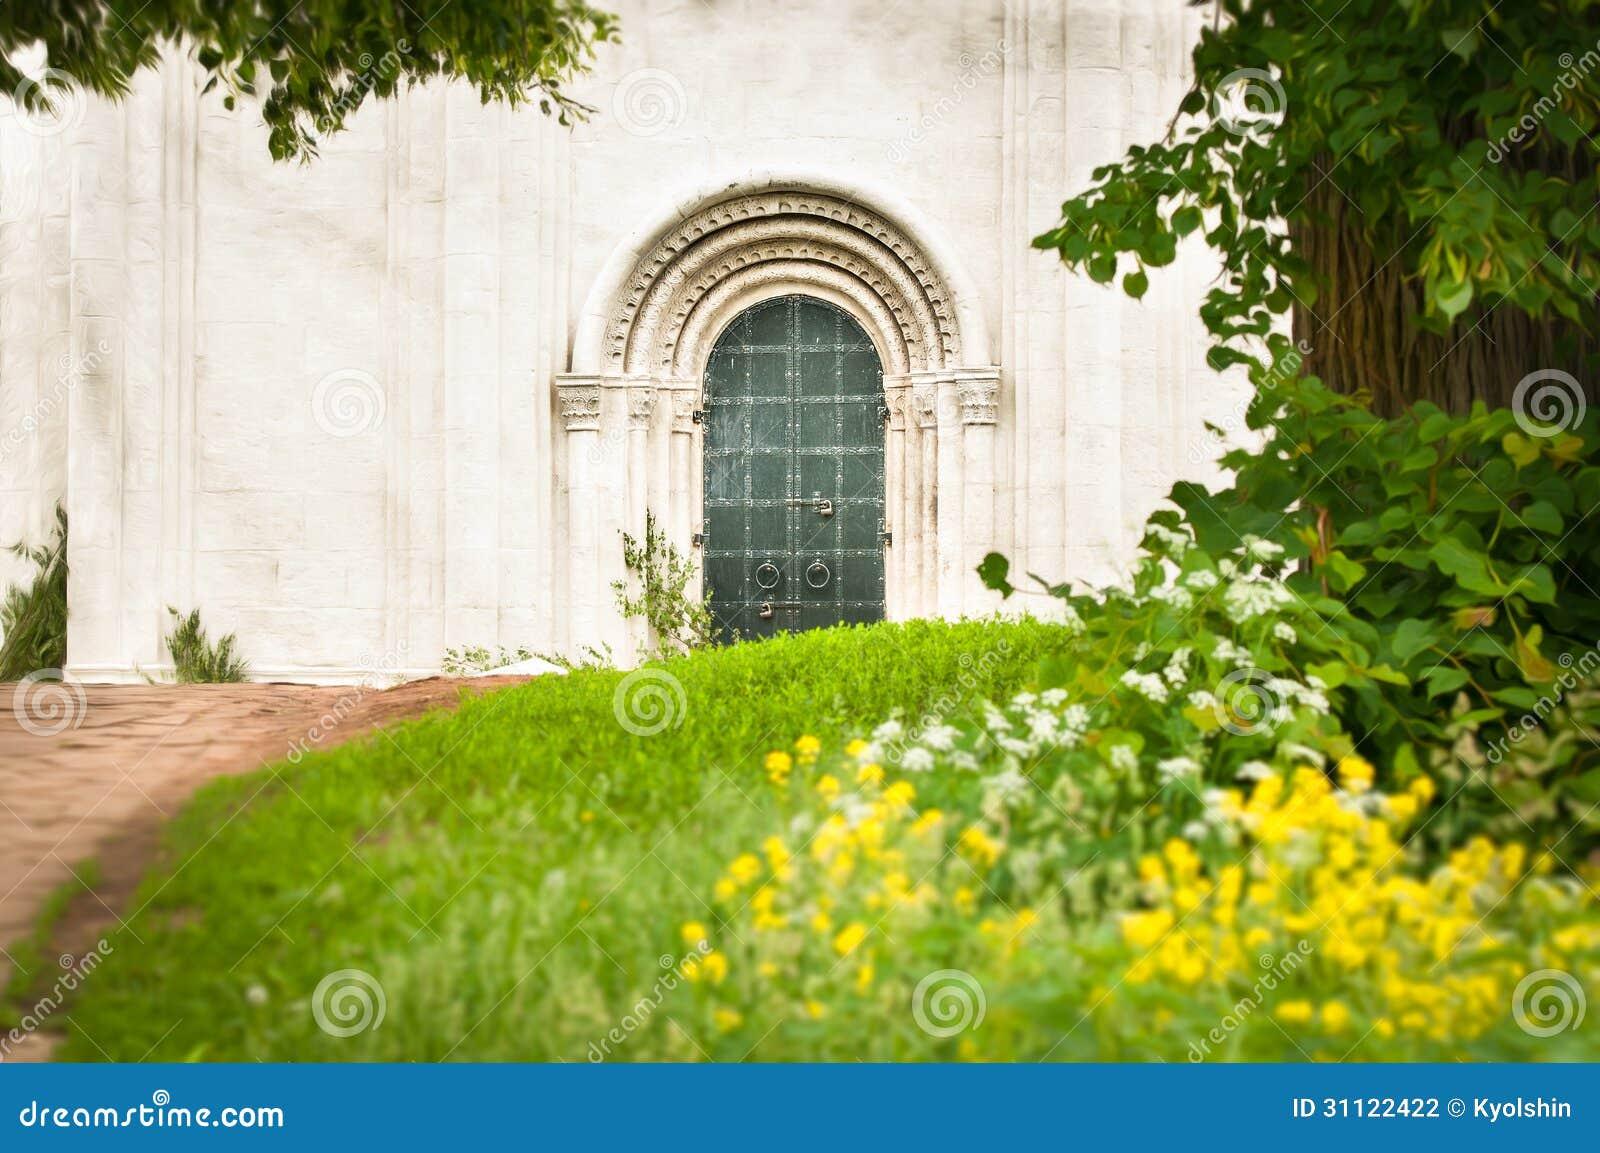 Weg van groen bos aan ingang van de bouw stock fotografie afbeelding 31122422 - Muur van de ingang ...